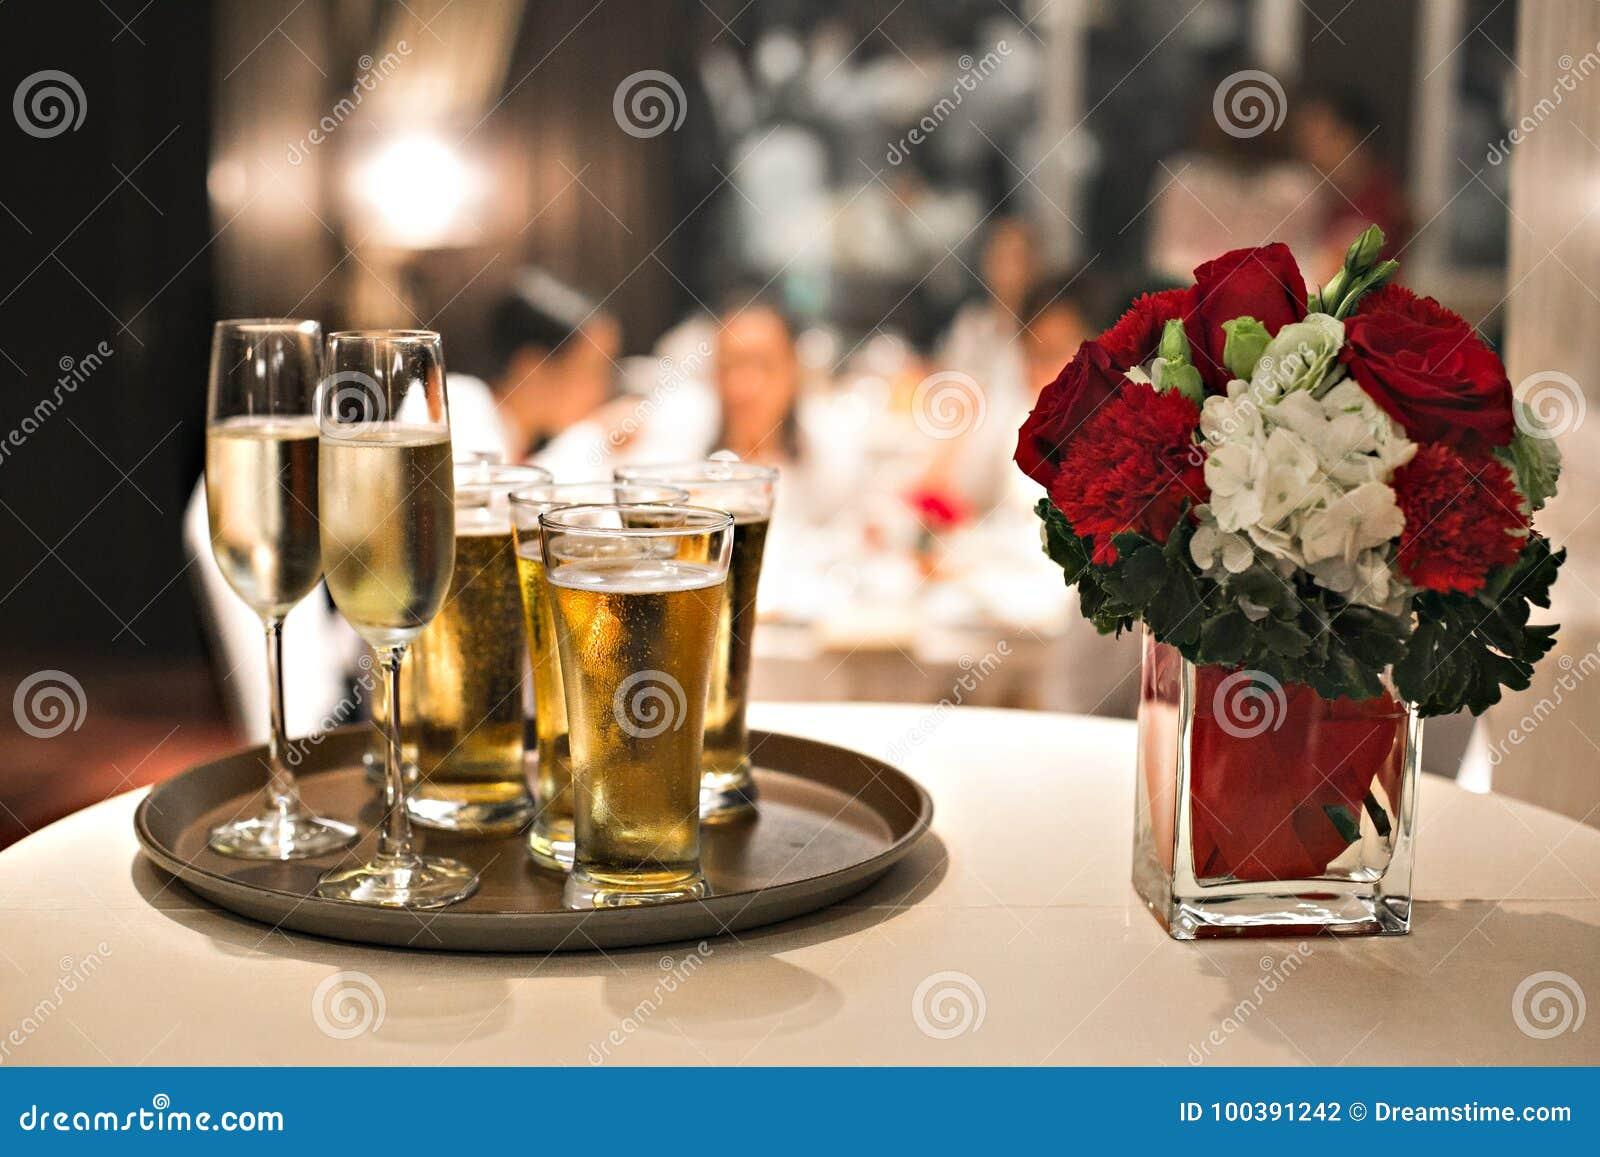 制表婚姻的玻璃晚餐酒餐馆花庆祝圣诞节香槟食物装饰党白色设置